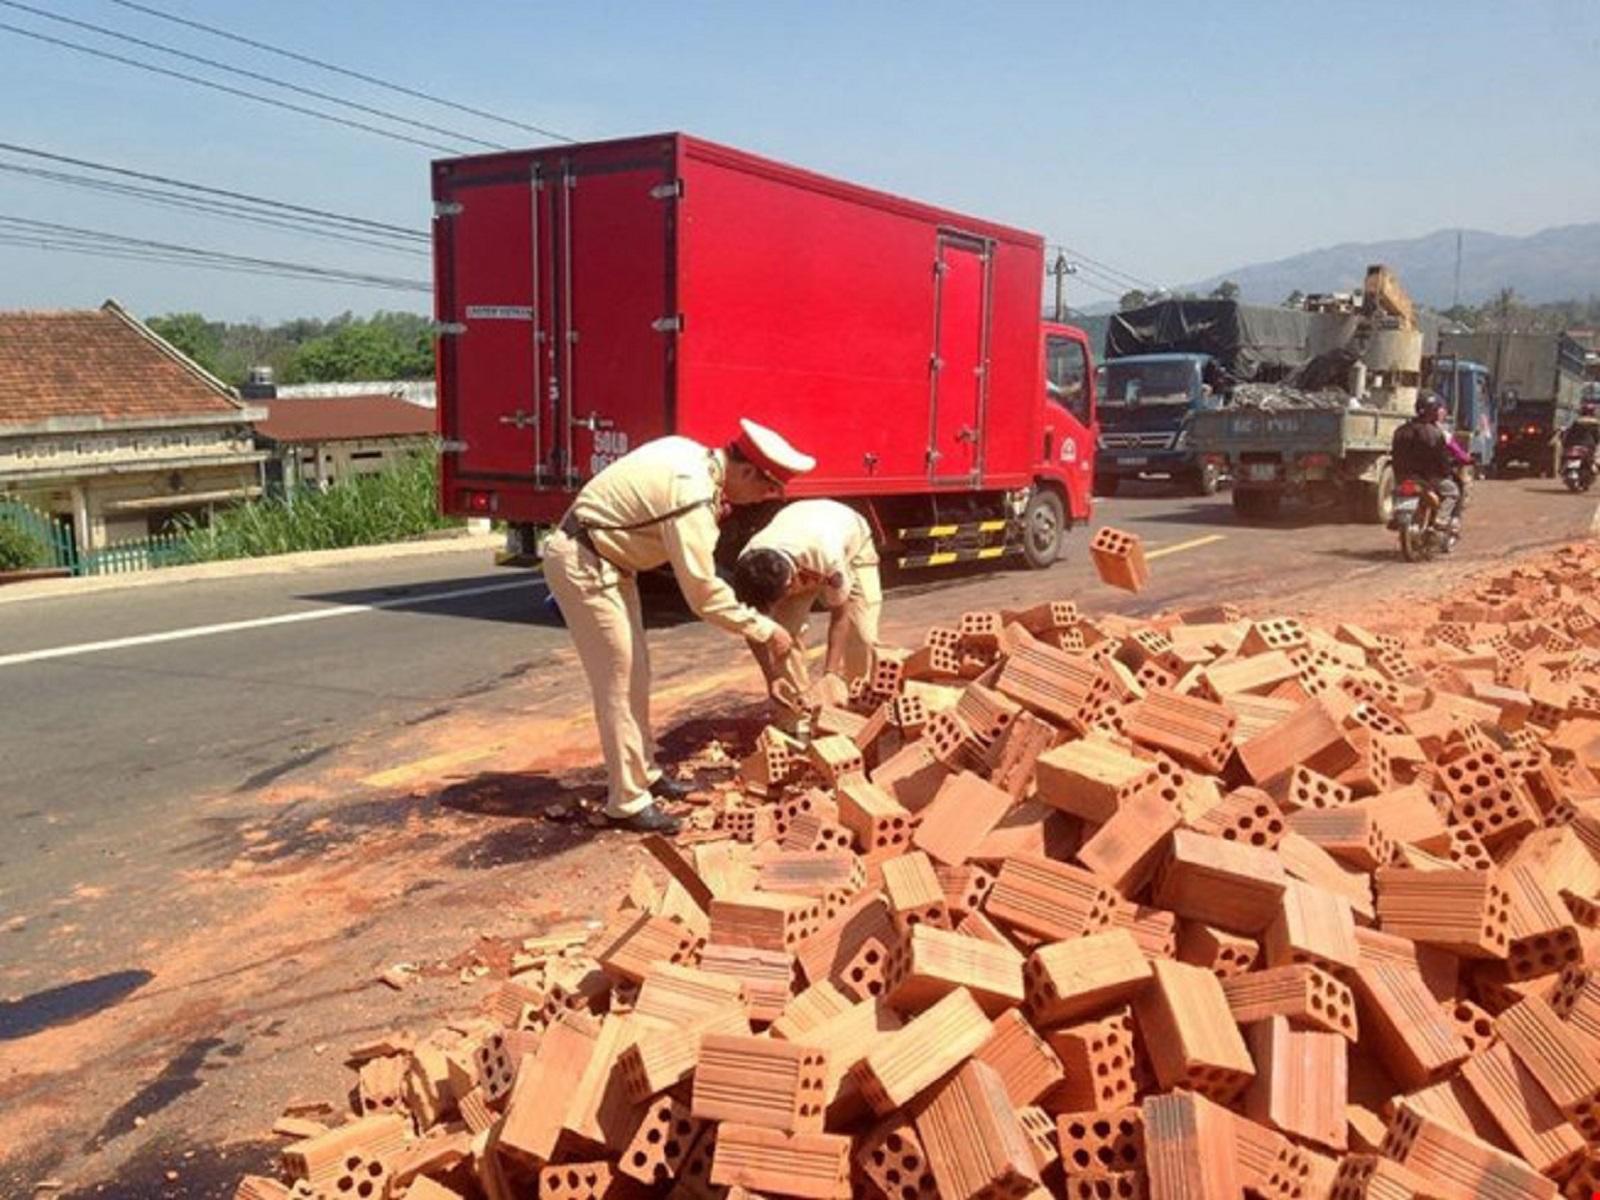 Gia Lai: CSGT xuống đường dọn gạch, mở lối cho xe lưu thông